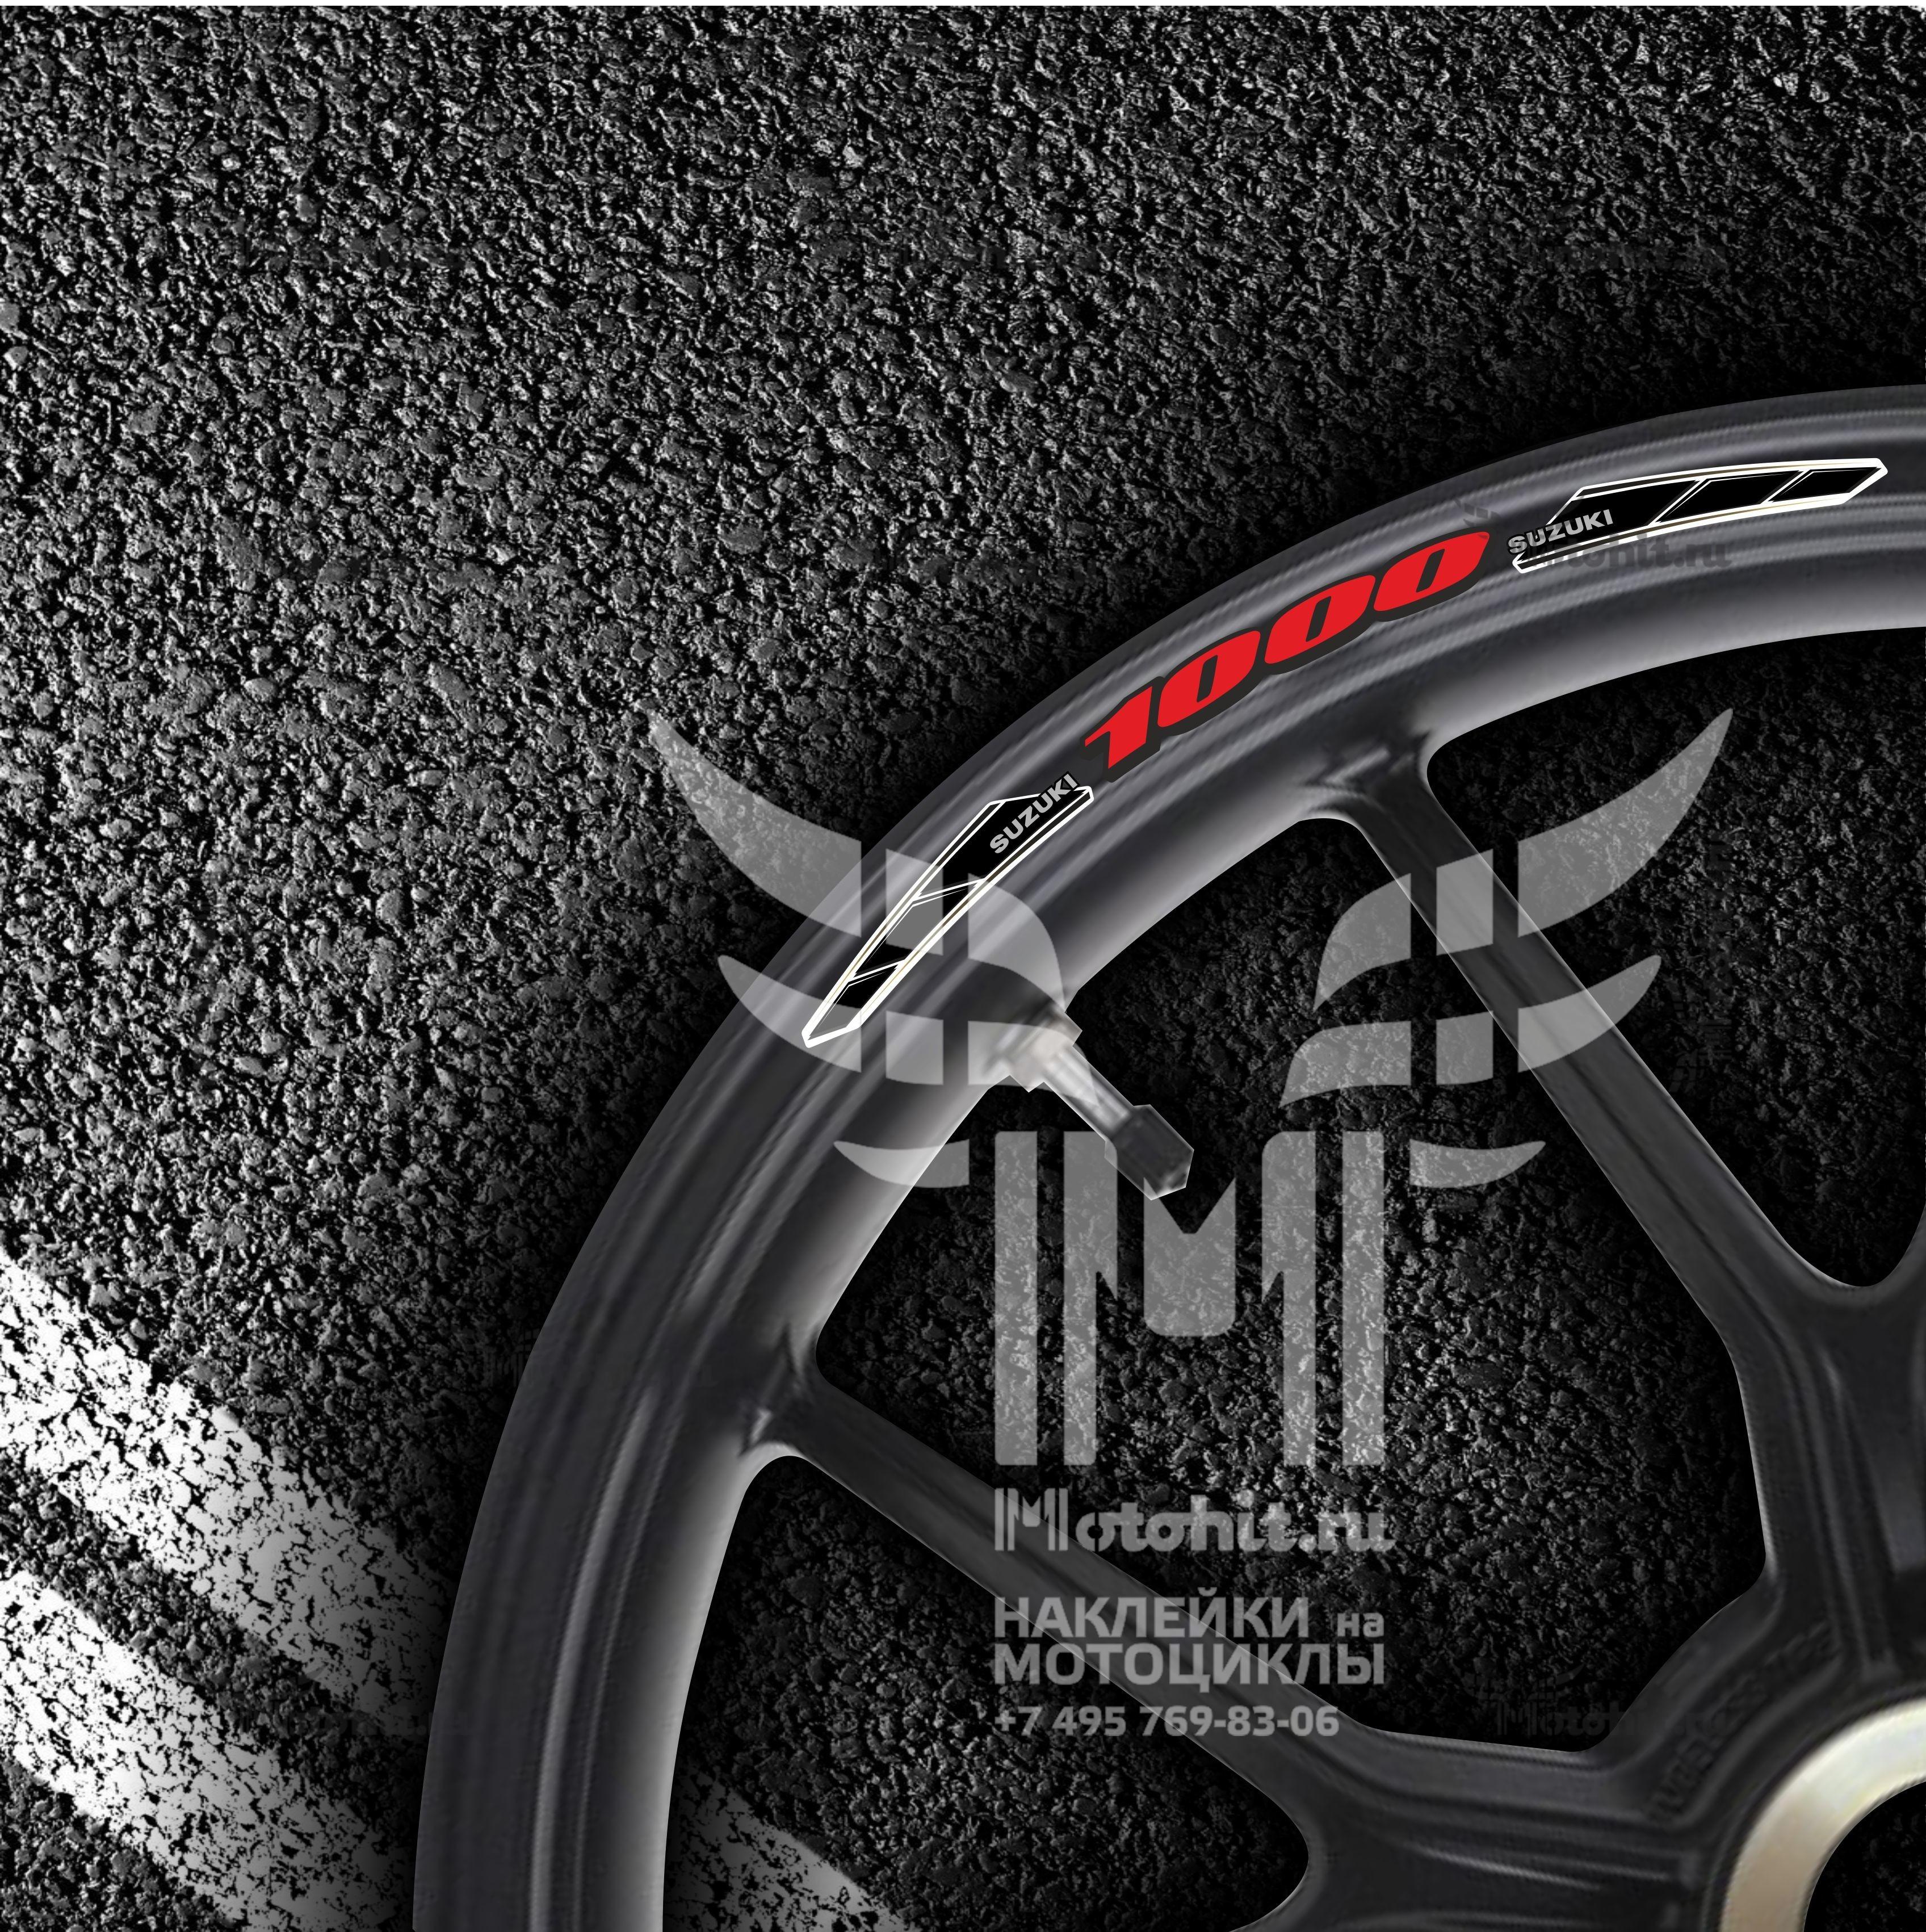 Комплект наклеек на обод колеса мотоцикла SUZUKI 1000